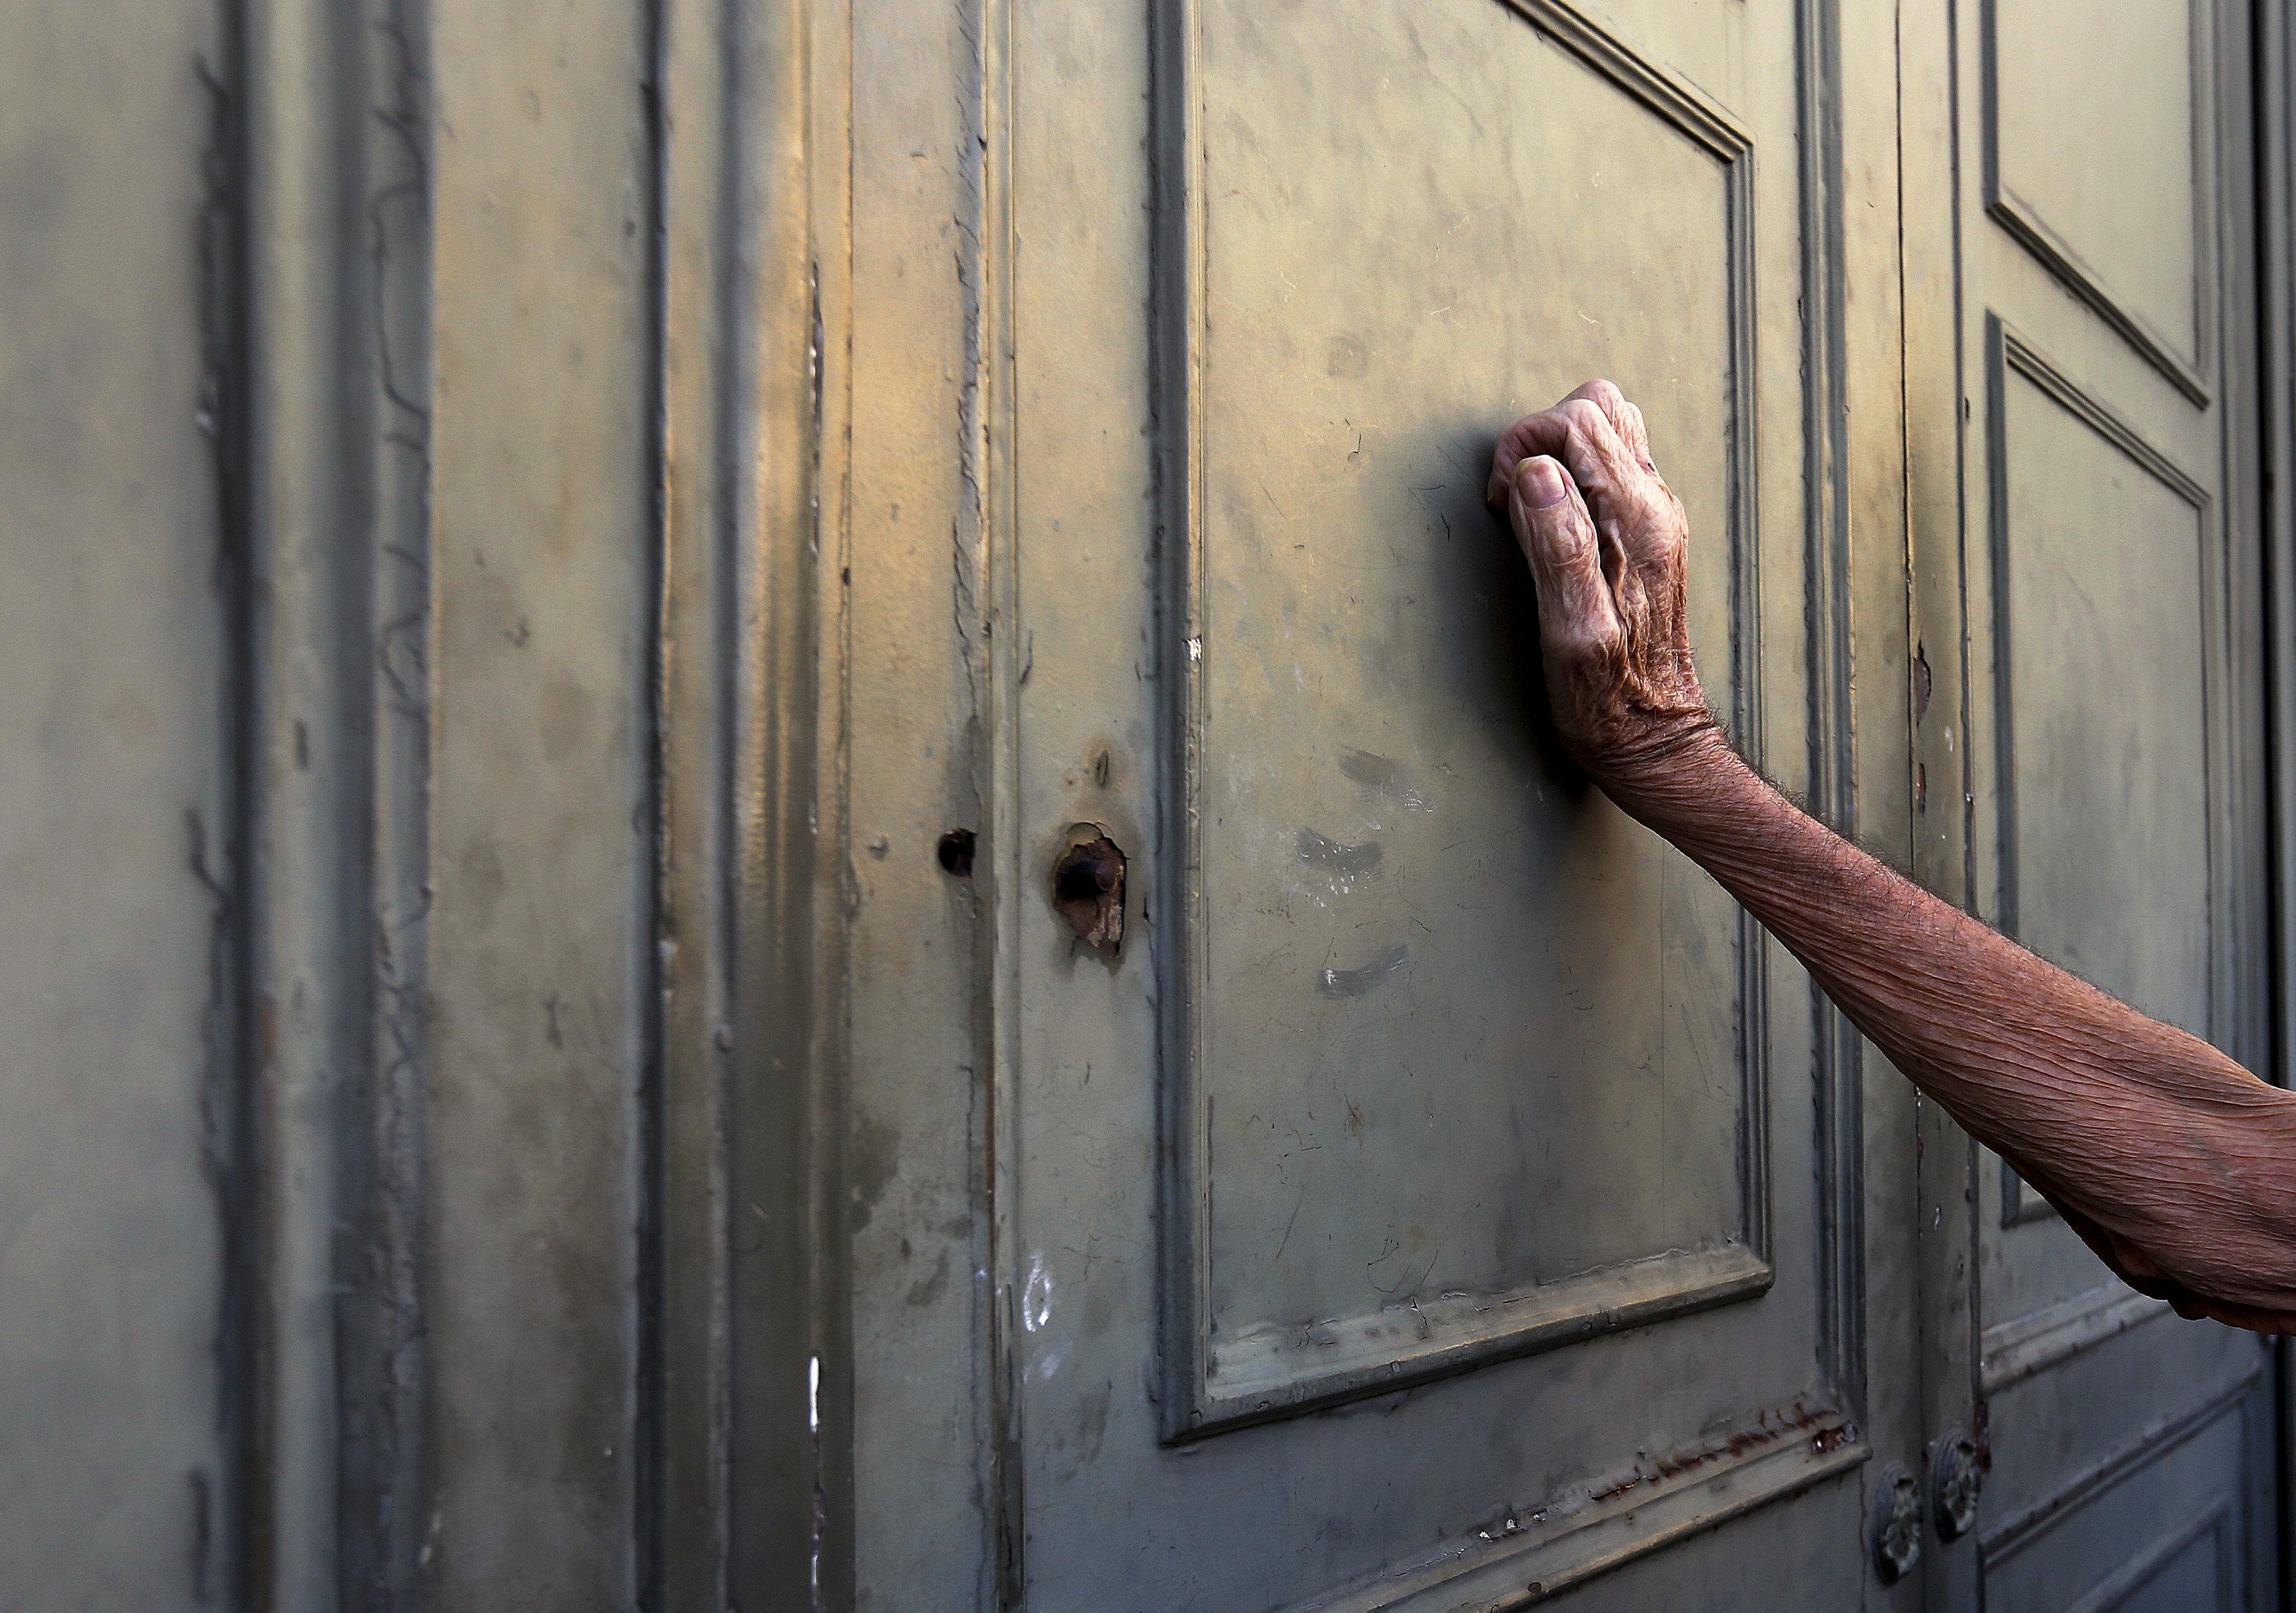 """Συντάξεις – Αναδρομικά: """"Βόμβα"""" για τις επικουρικές! Καταγγελία για διπλάσιες μειώσεις σε 300.000 συνταξιούχους"""